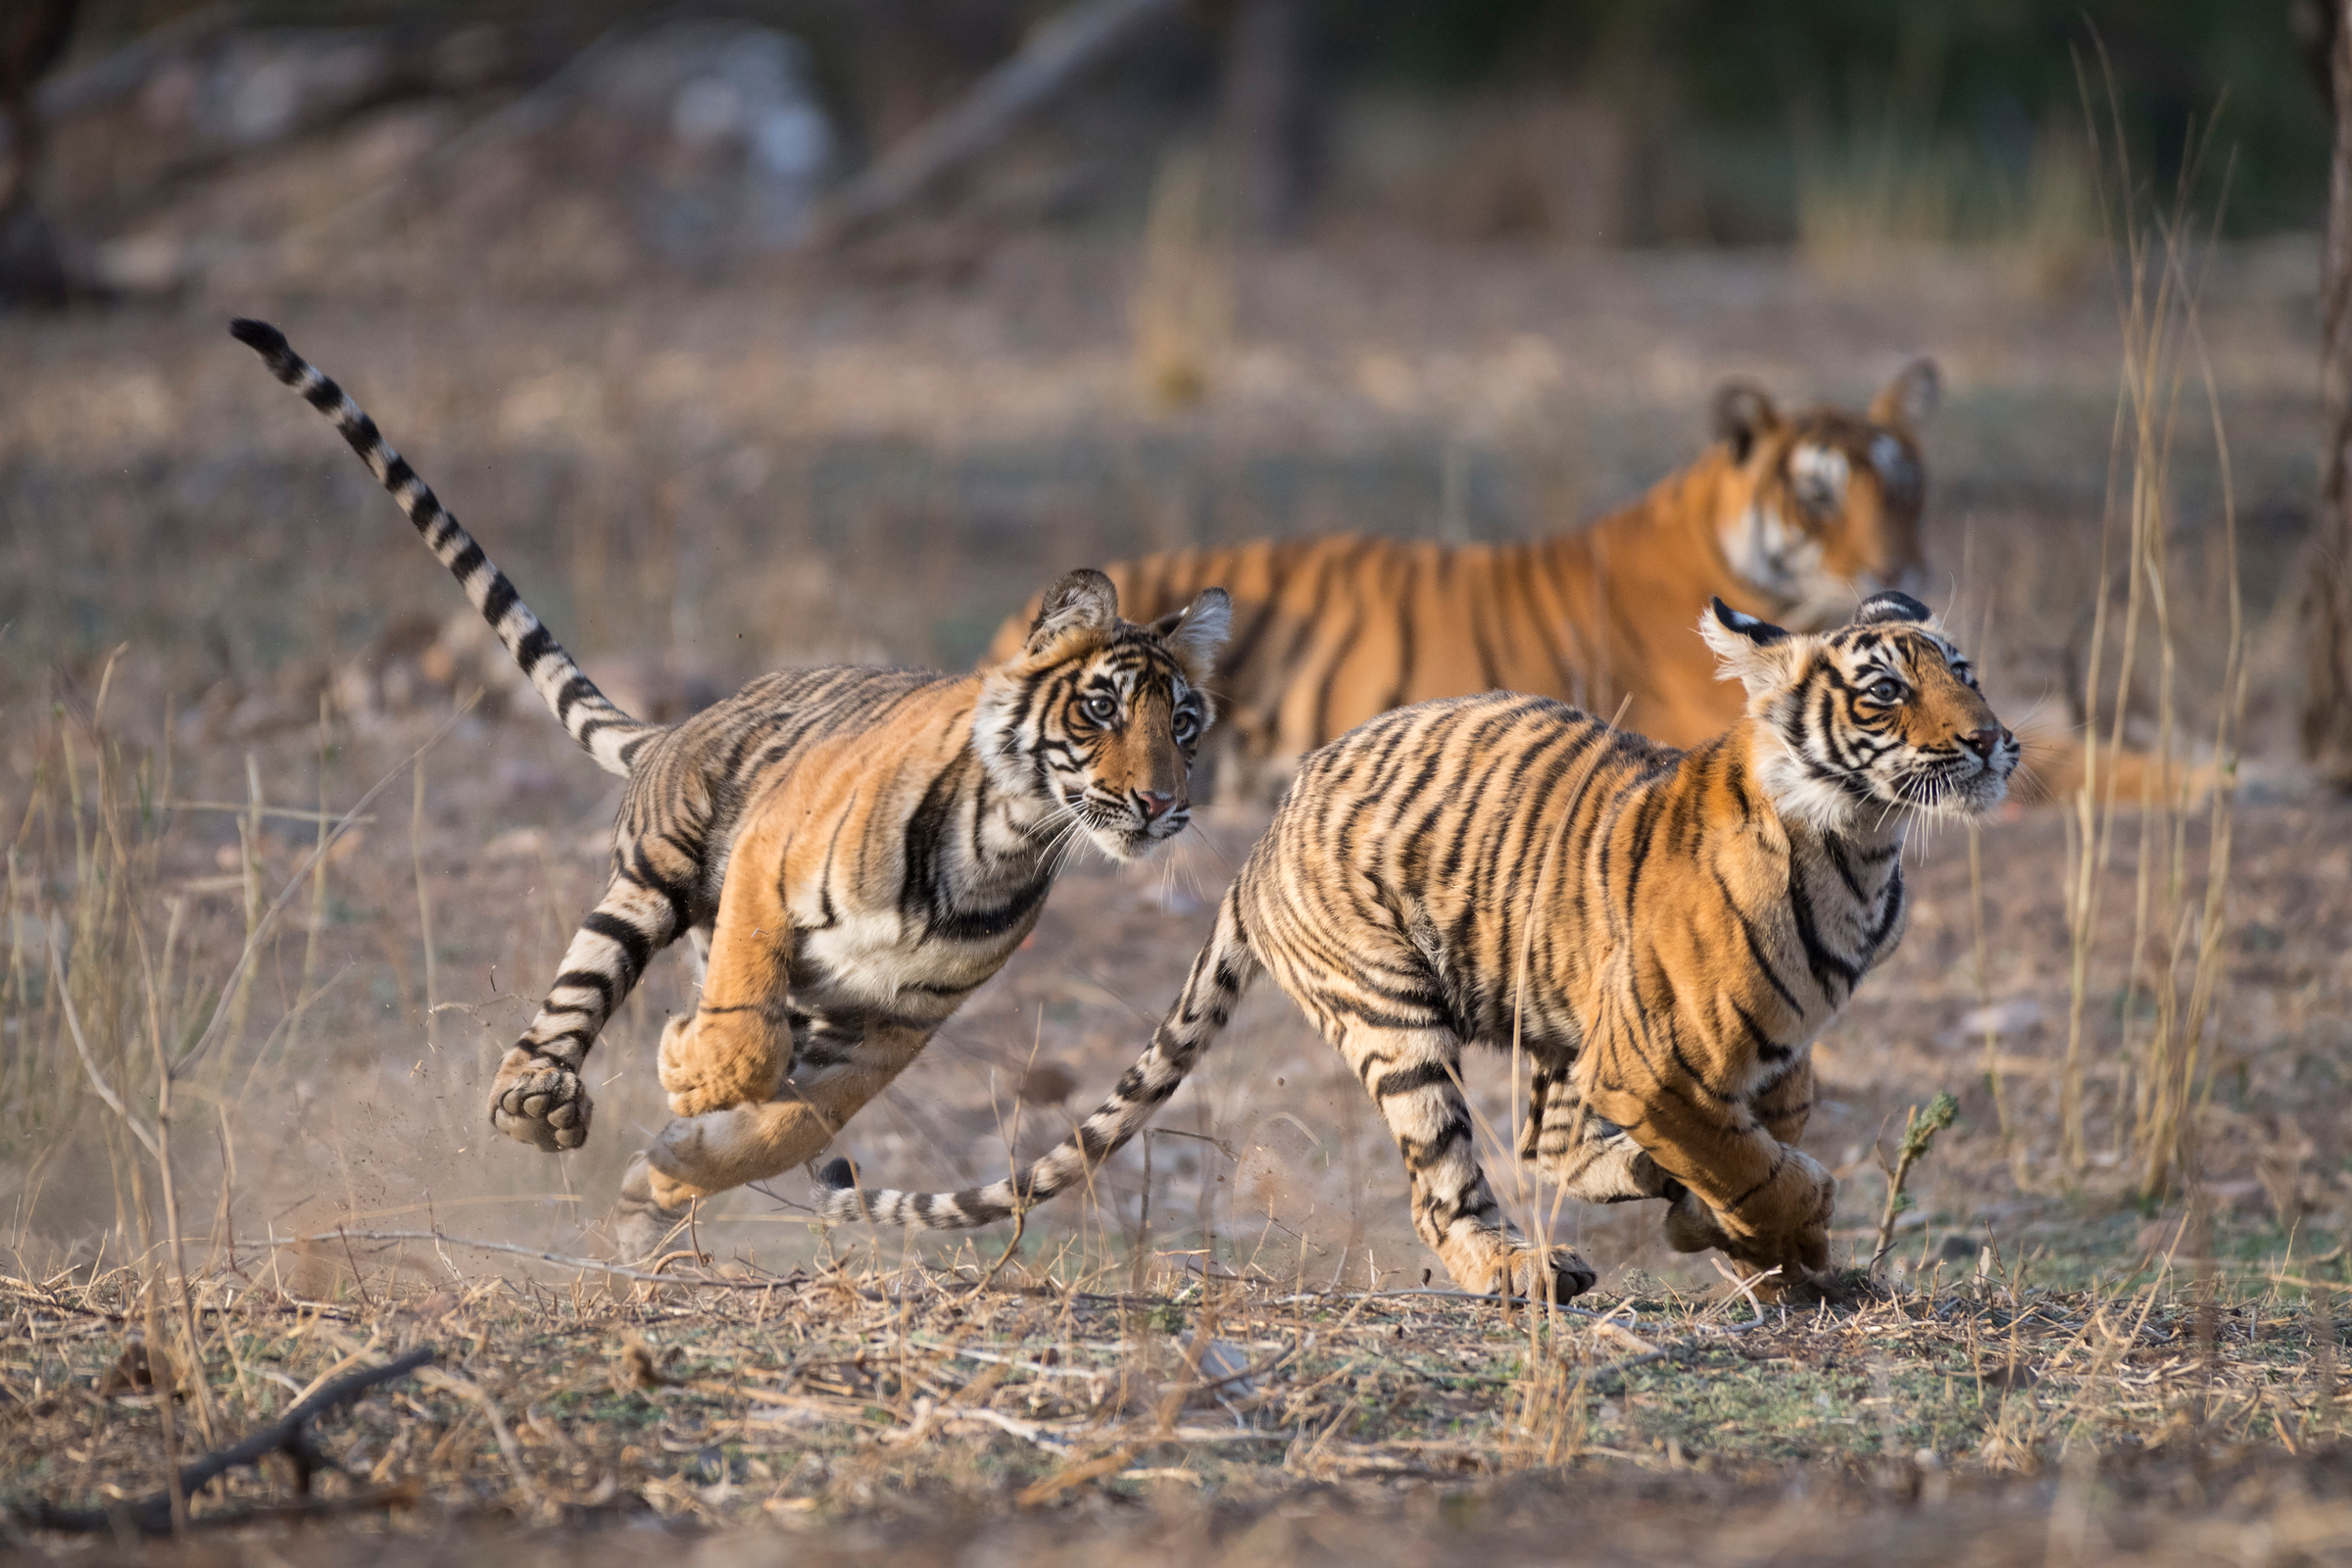 Zwei junge Tiger beim Spielen, Indien